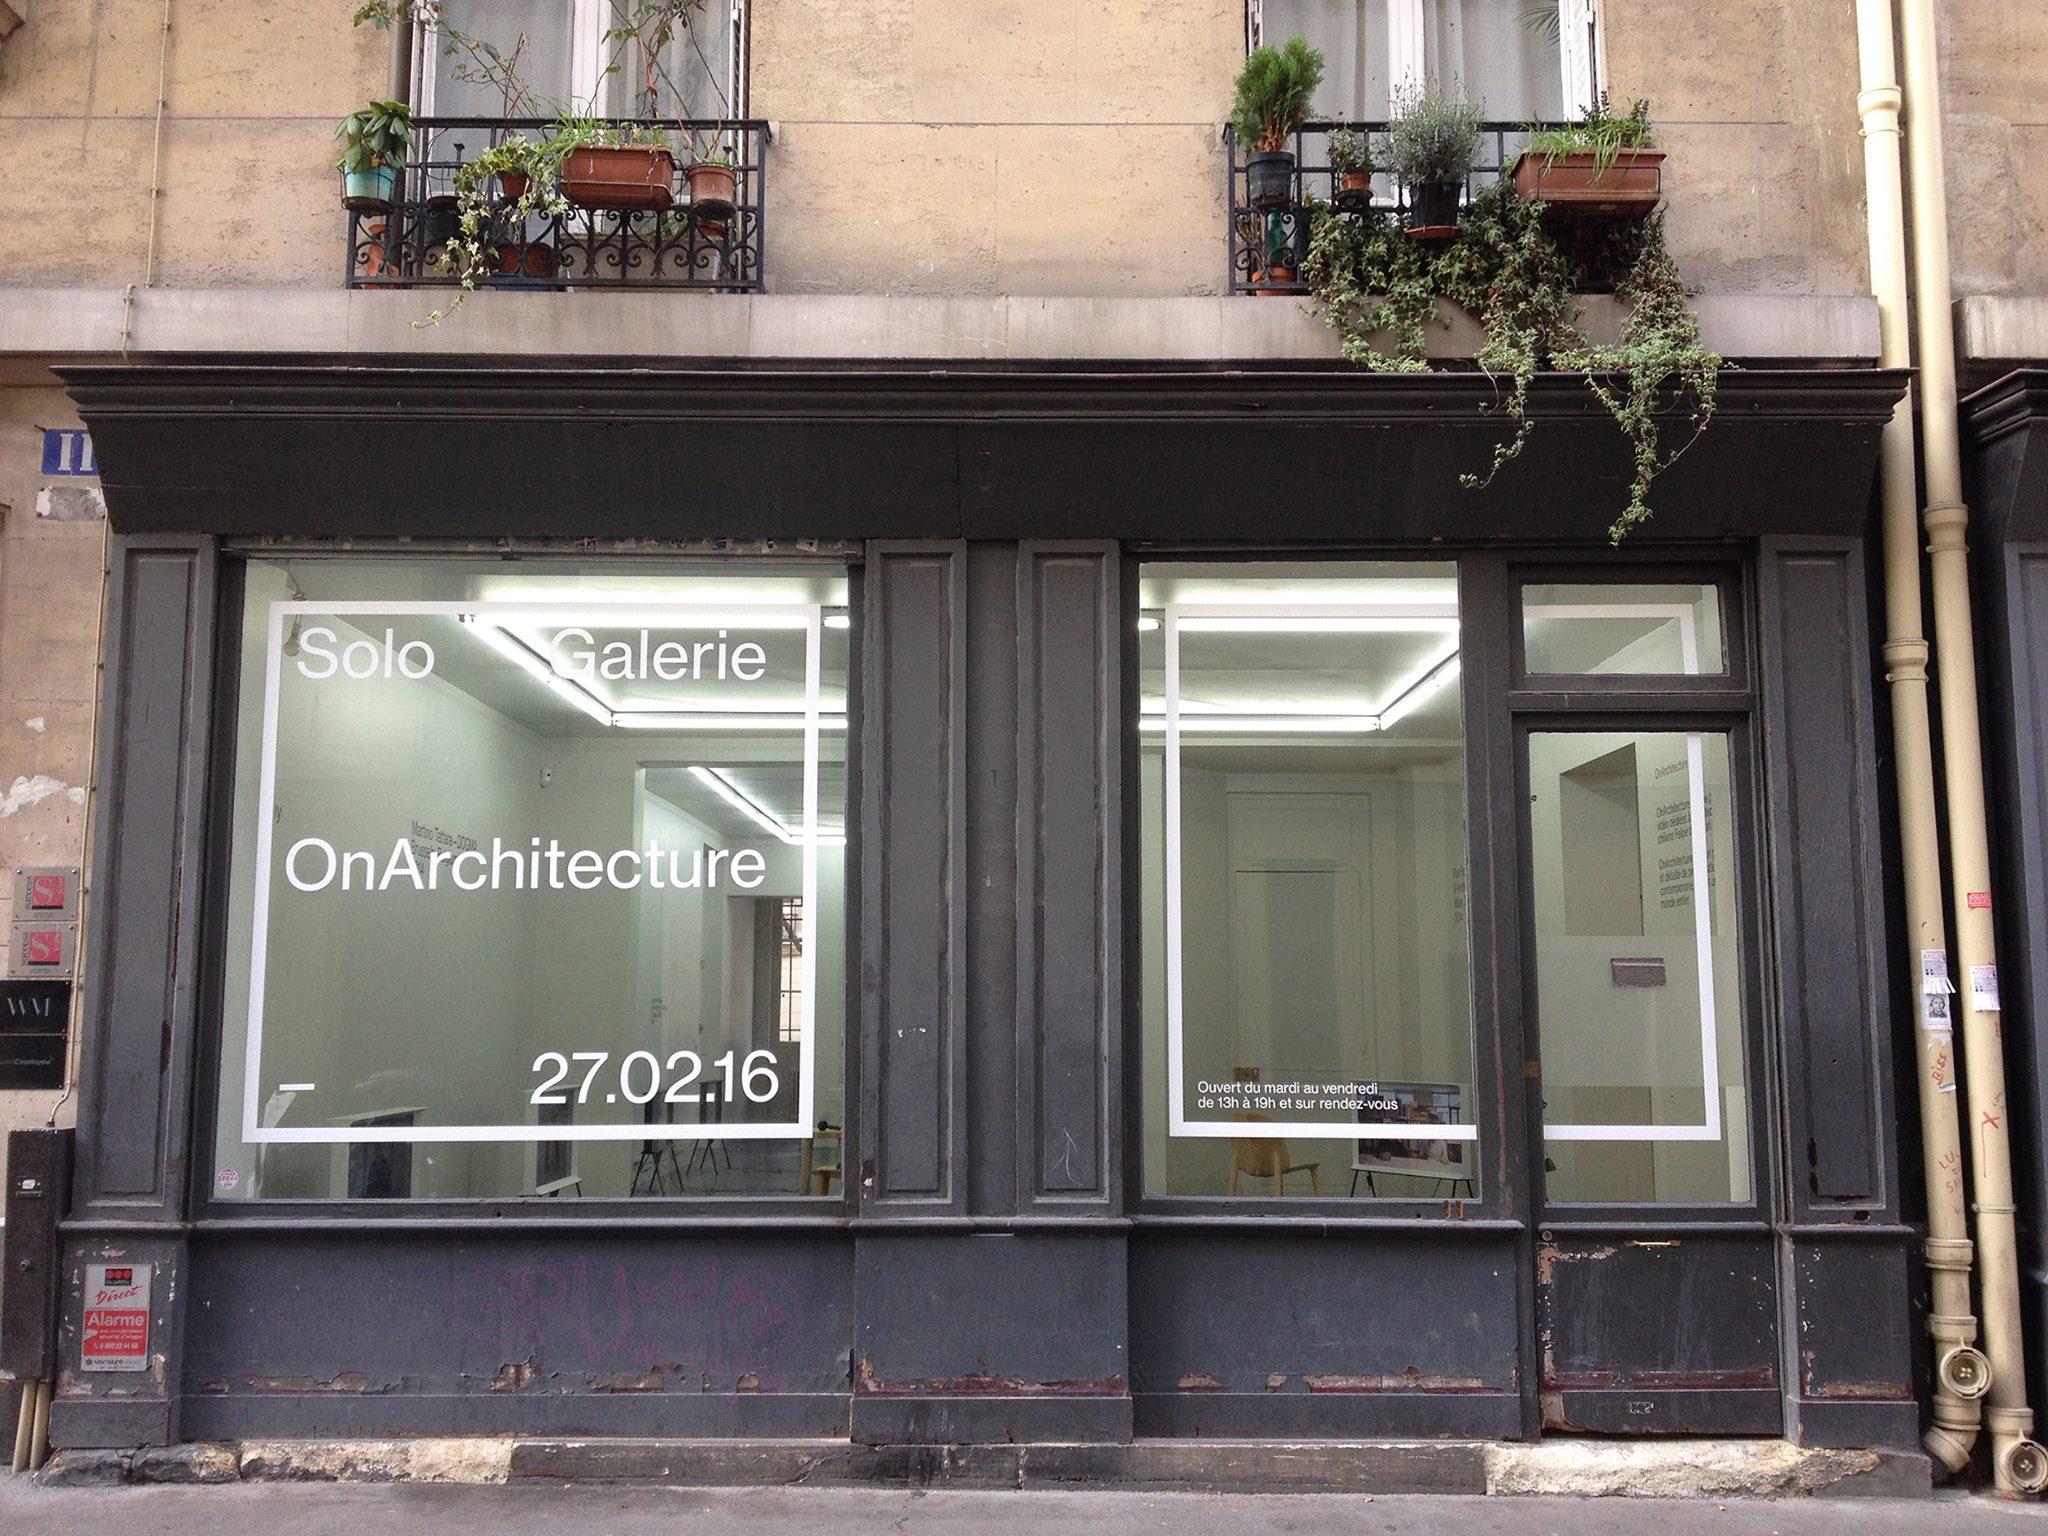 Solo galerie le duo r ussi entre architecture et art for Architecture et art